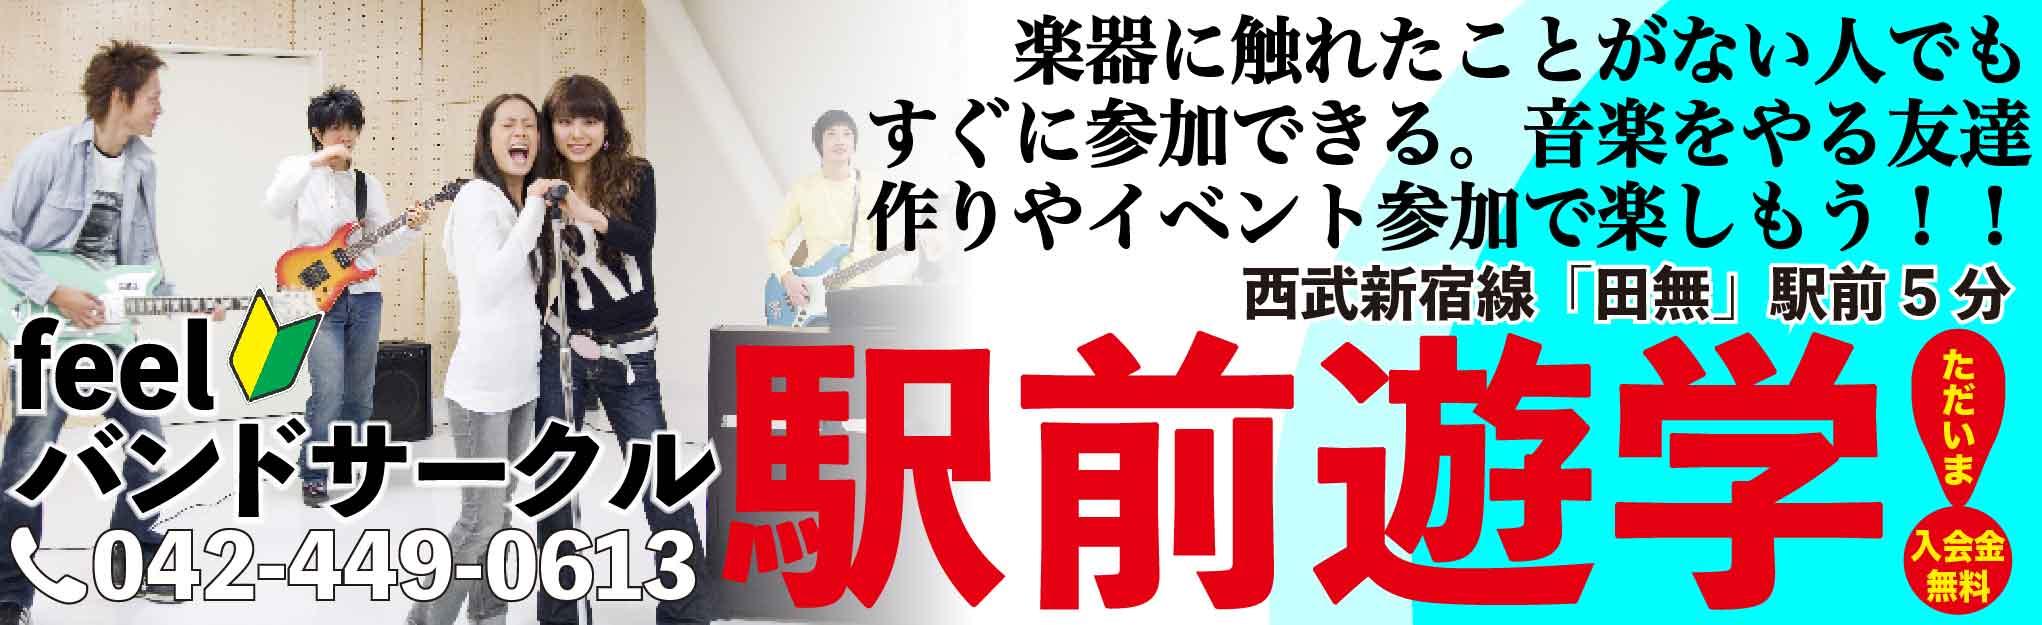 feelバンドサークル 西東京市西武新宿線田無駅より徒歩5分。